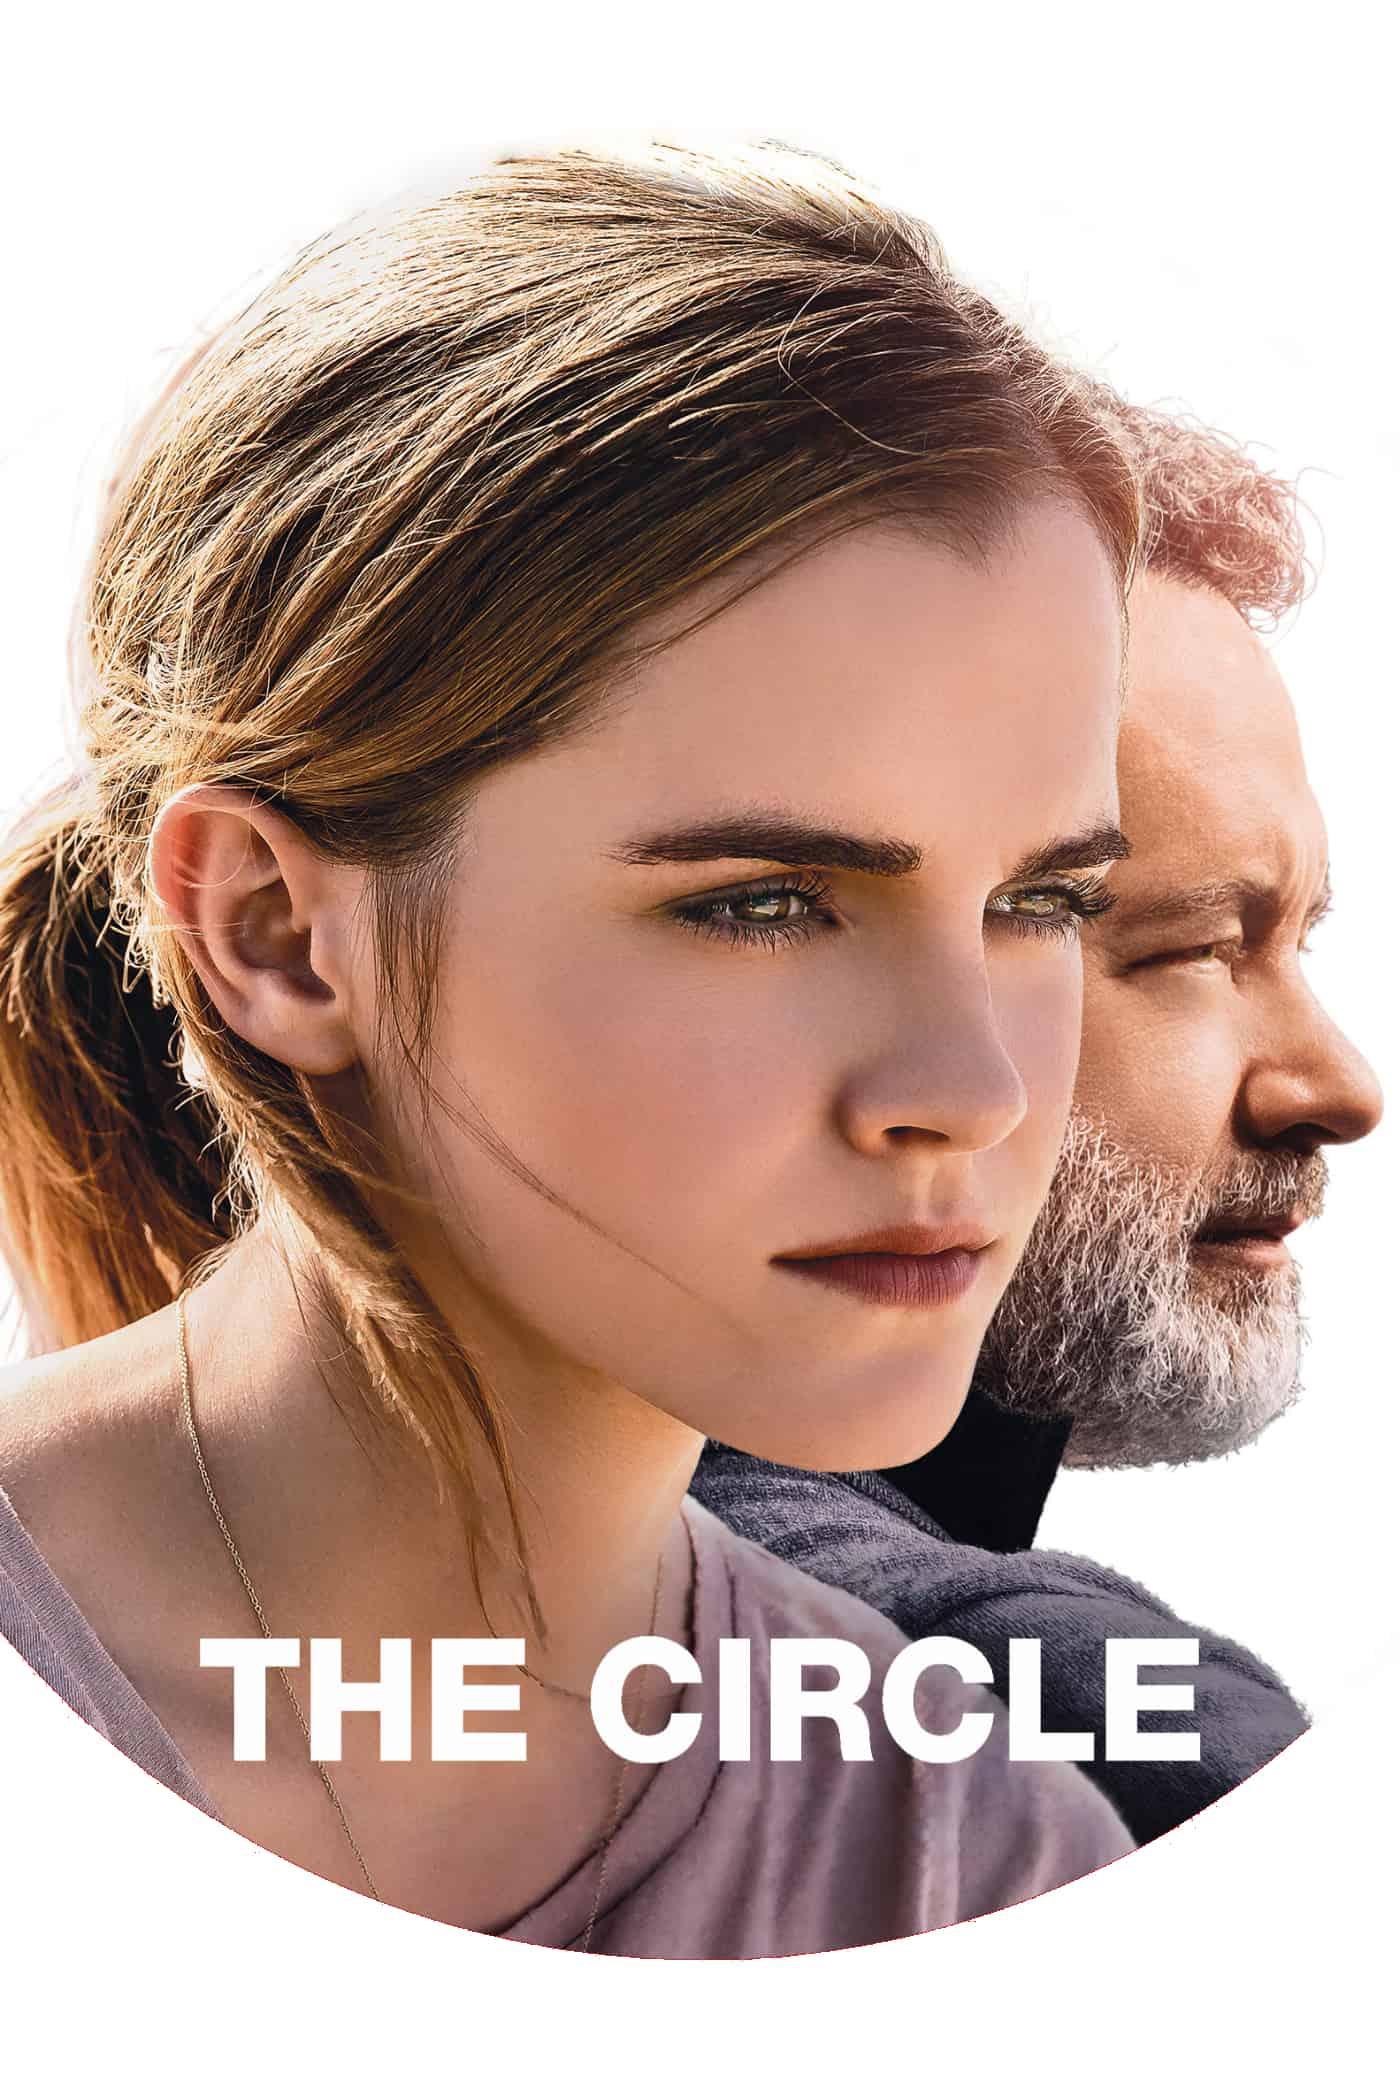 The Circle, 2017